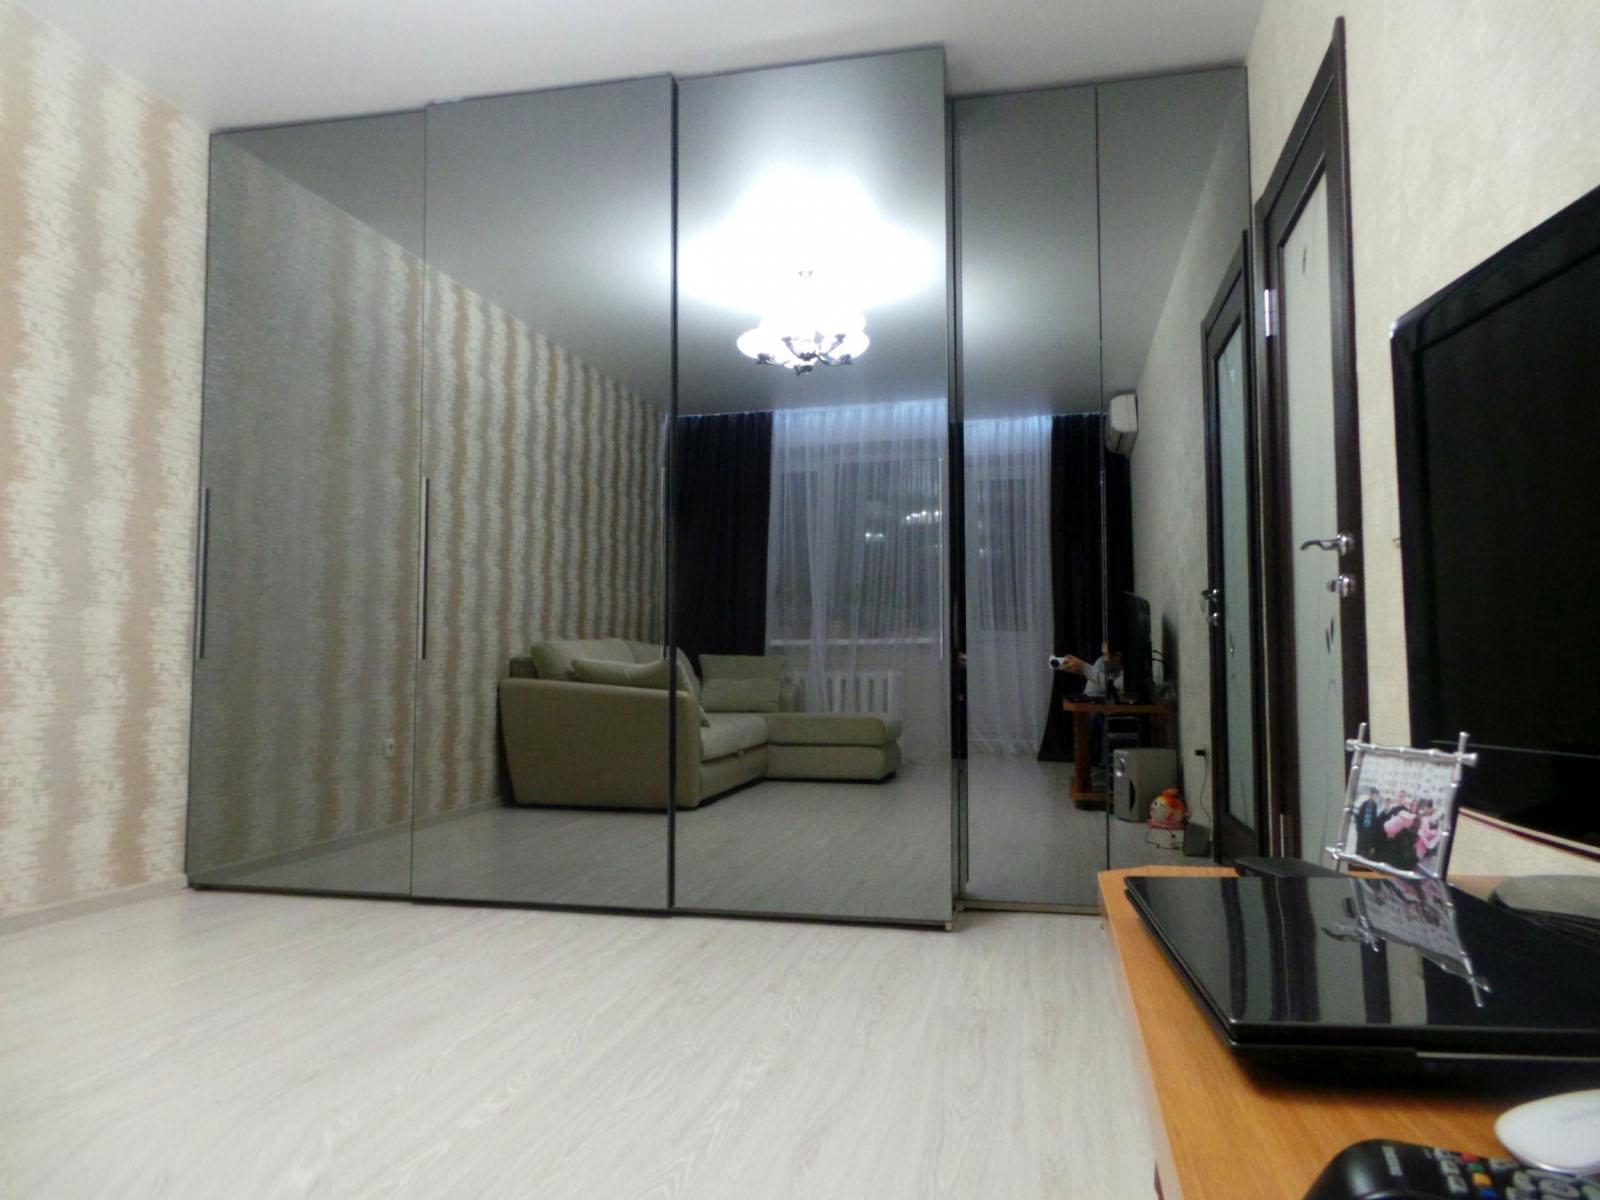 Шкаф-купе с зеркалом (84 фото): зеркальный шкаф венге с рису.